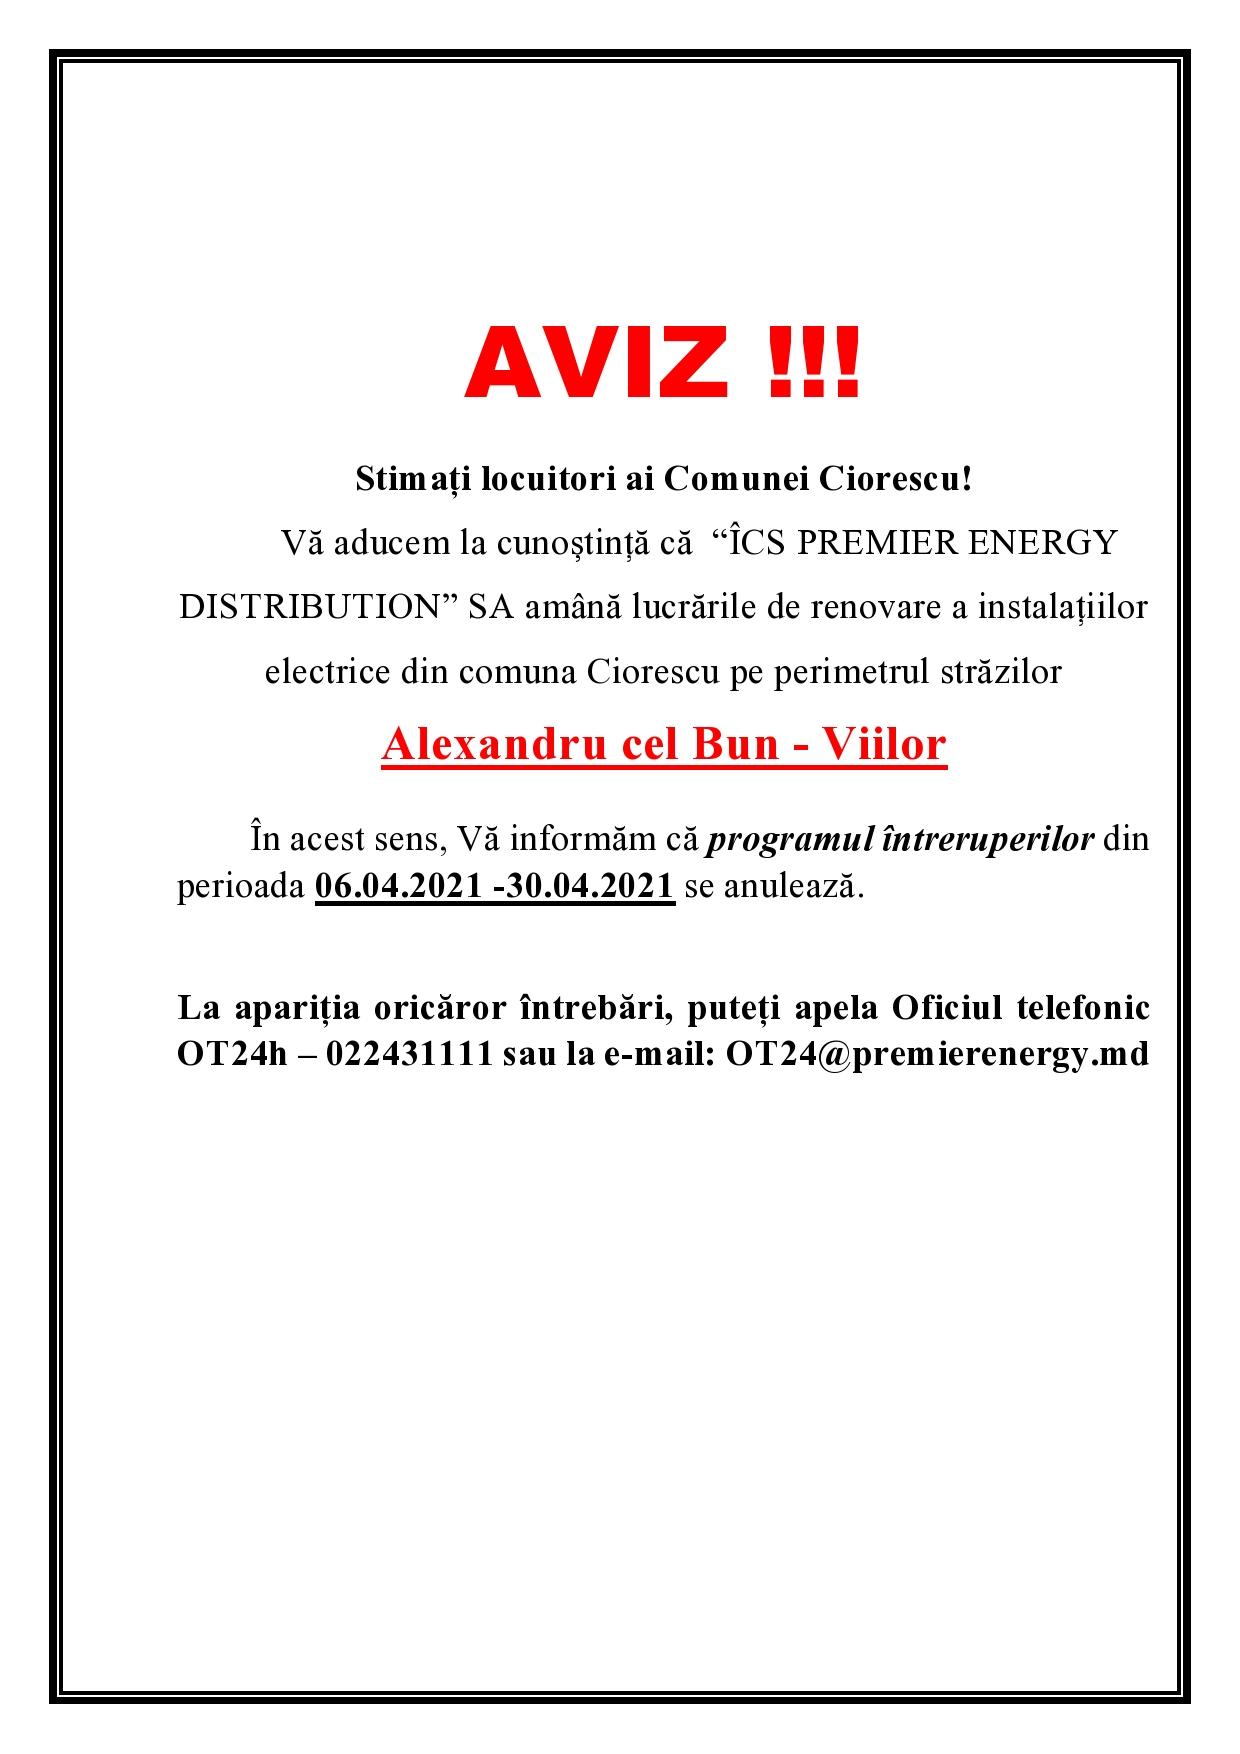 Anularea lucrărilor de renovare a instalațiilor electrice din comuna Ciorescu pe perimetrul străzilor